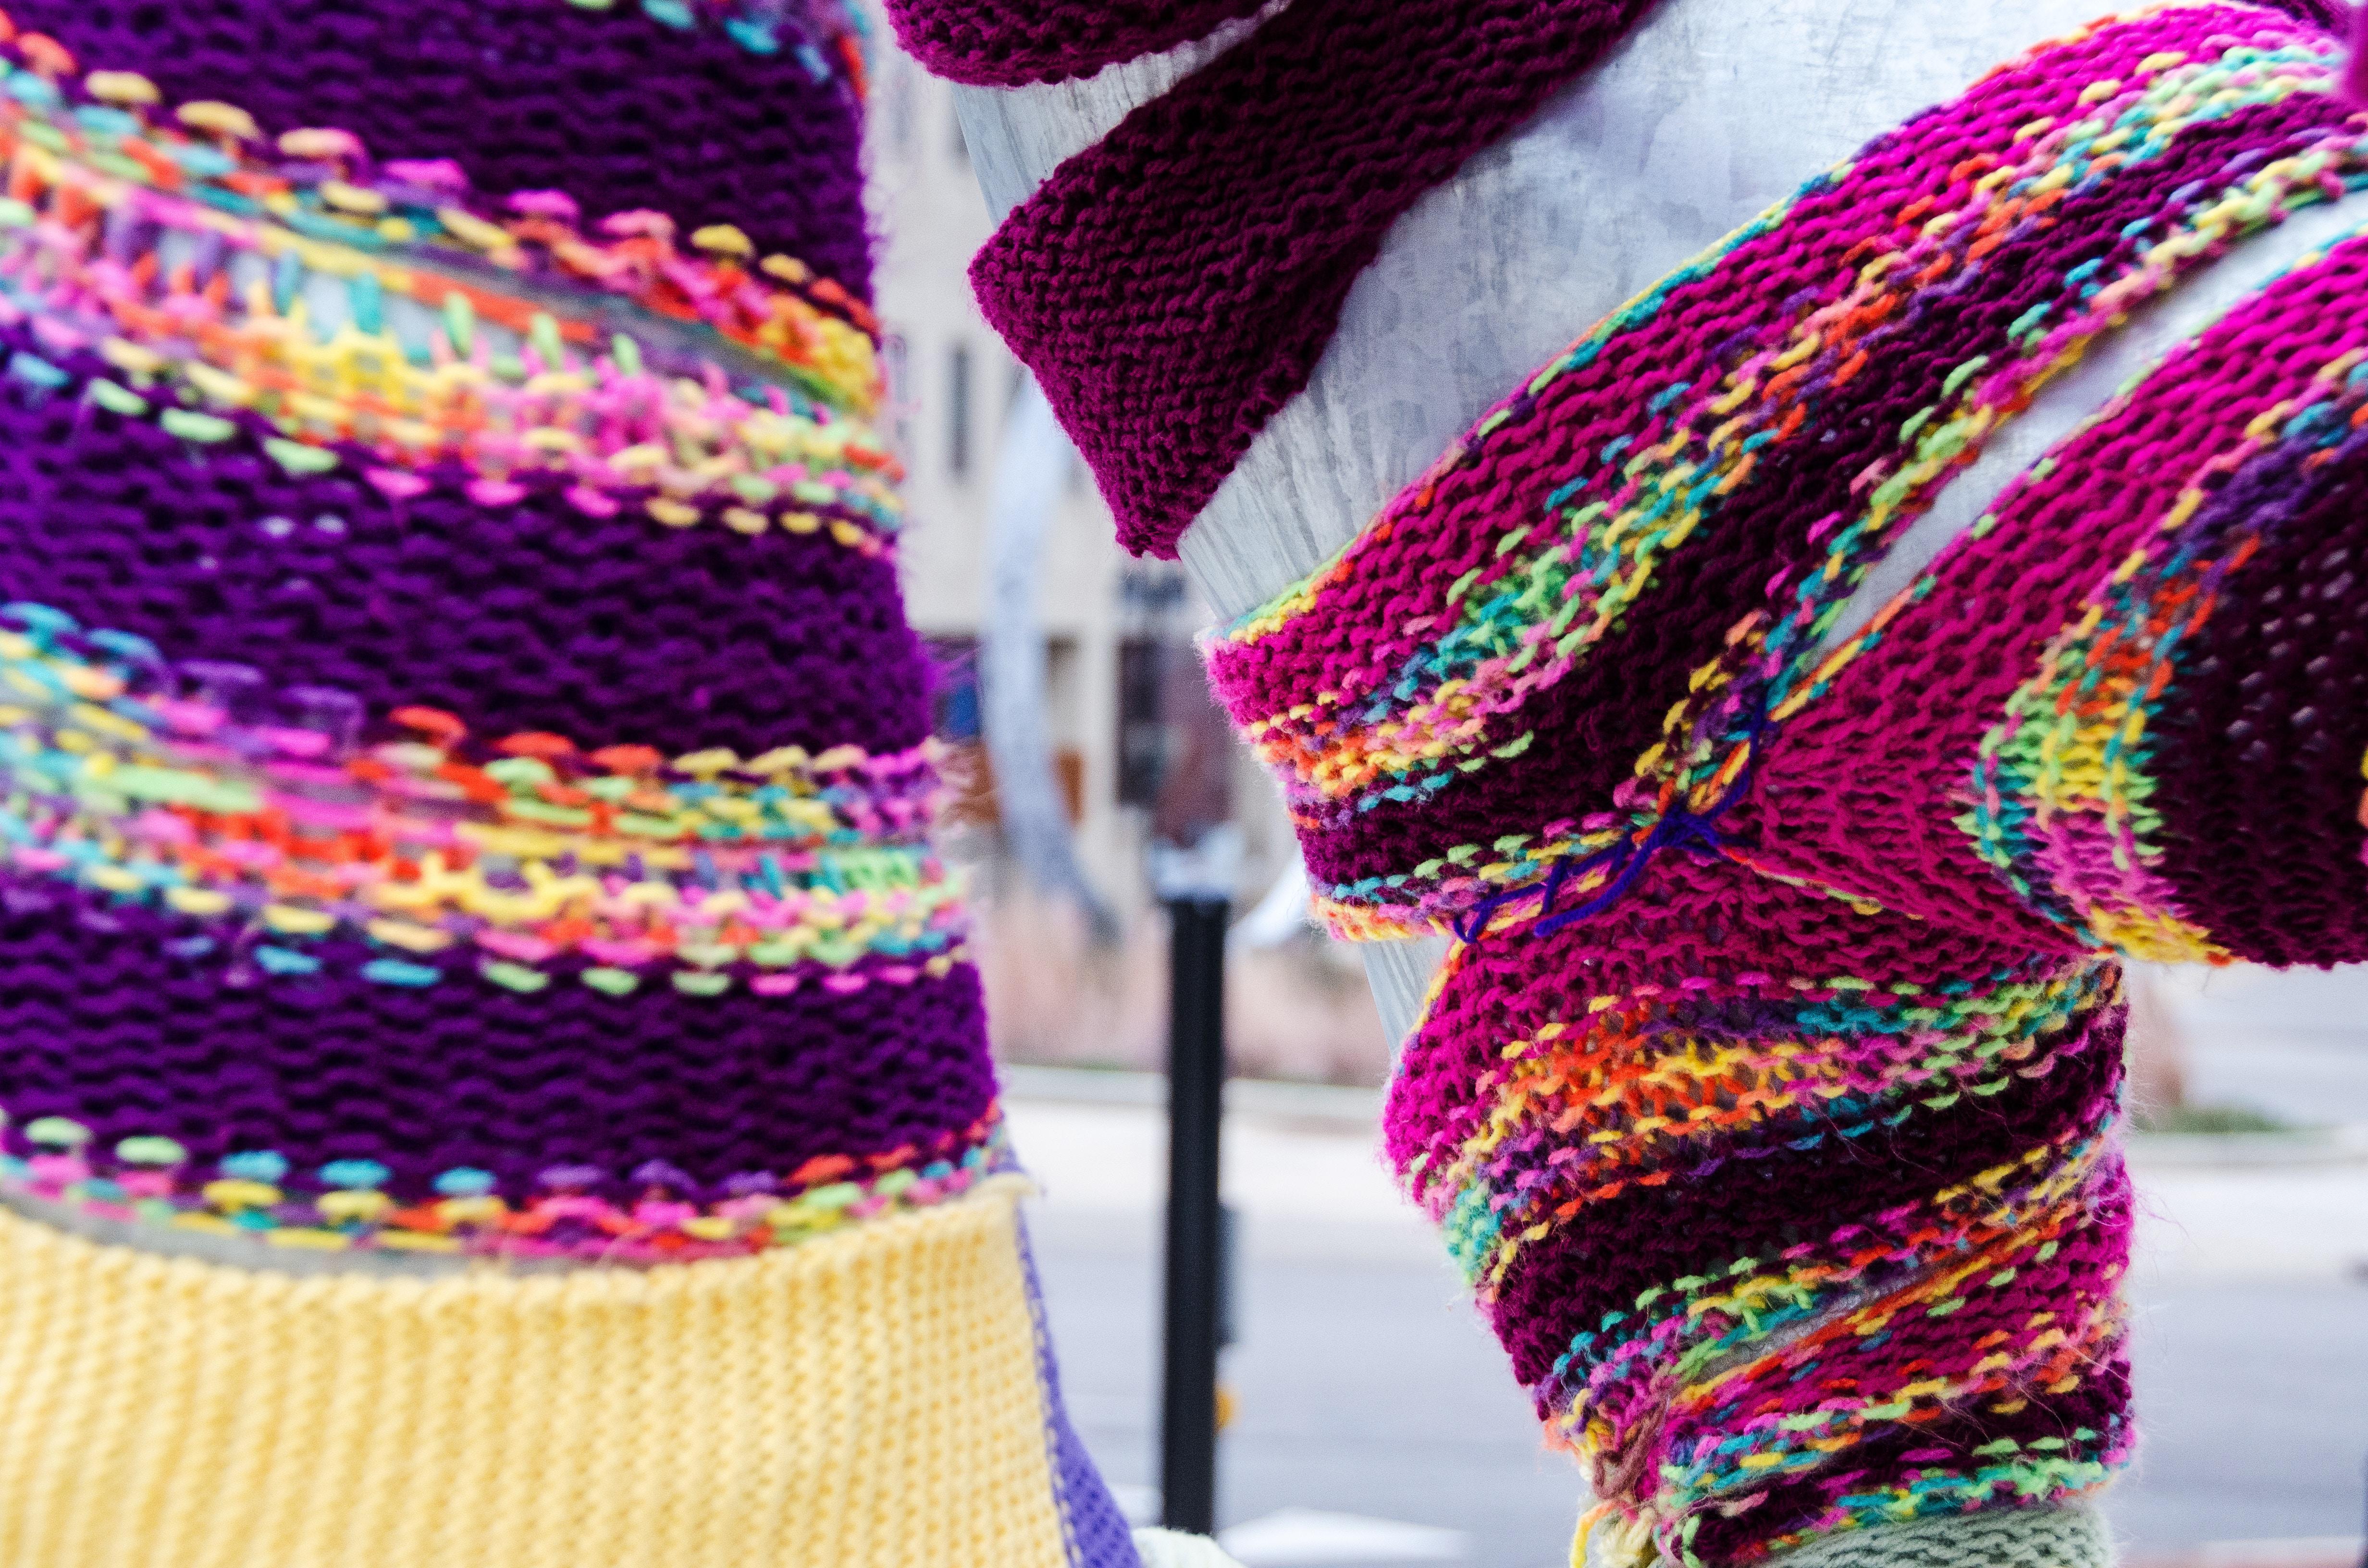 Fotos gratis : púrpura, patrón, color, ropa, rosado, bufanda, hilo ...